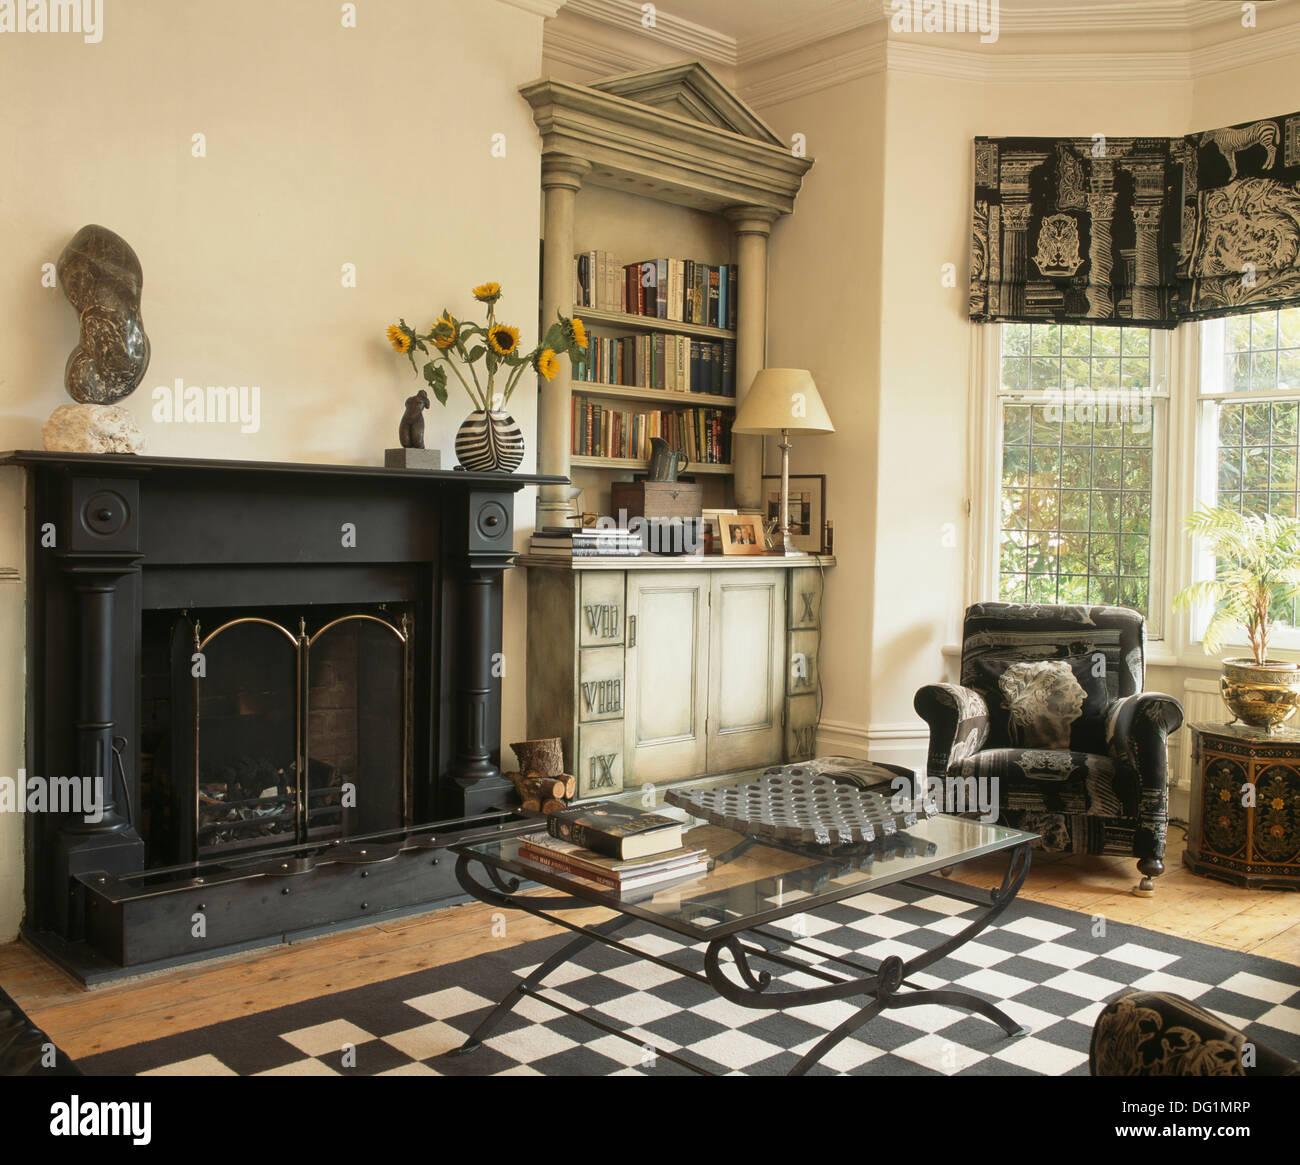 https://c8.alamy.com/compde/dg1mrp/glas-gekront-couchtisch-und-schwarz-weiss-schachbrett-teppich-vor-dem-kamin-im-wohnzimmer-mit-palladio-stil-bucherregal-dg1mrp.jpg